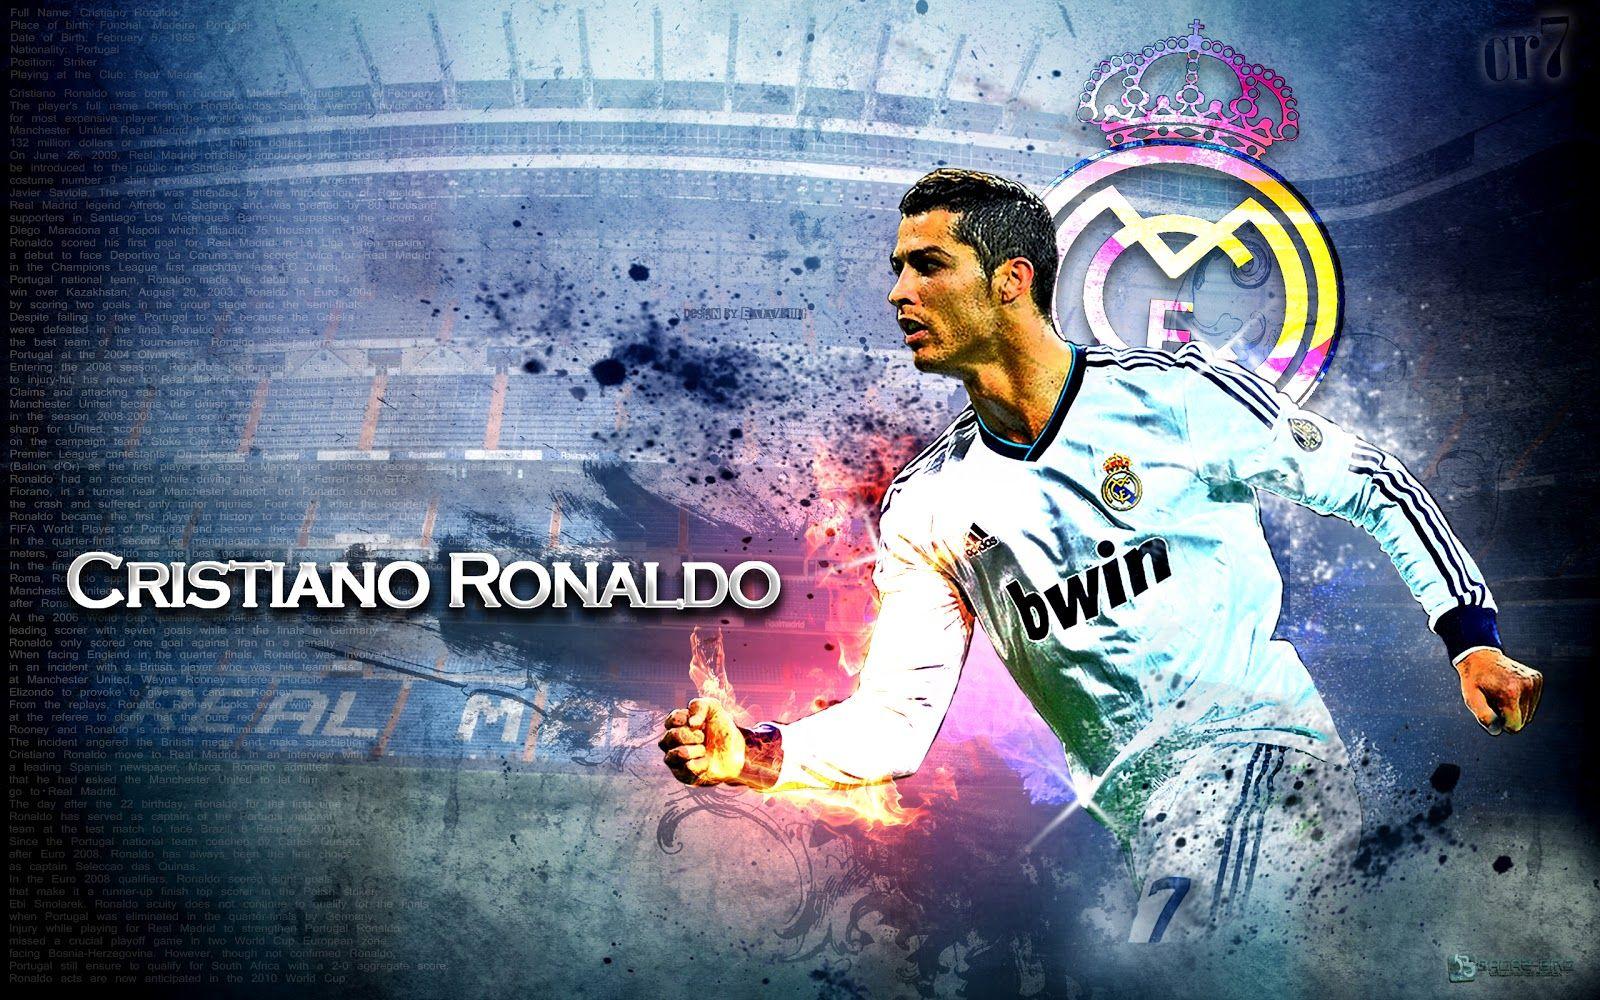 Cristiano Ronaldo Football Wallpaper Cristiano Ronaldo Wallpapers Ronaldo Wallpapers Cristiano Ronaldo